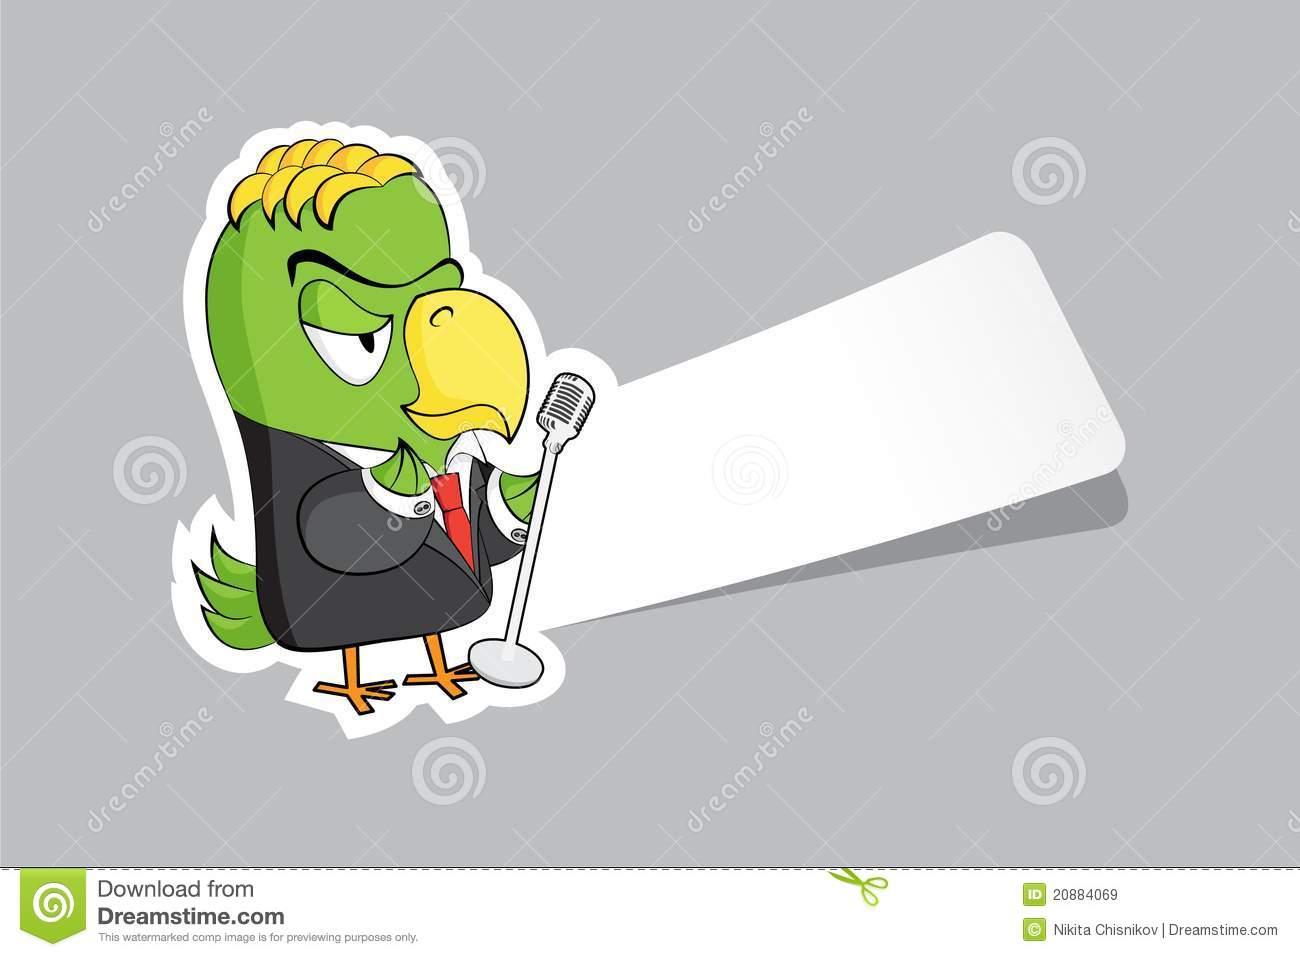 Funny Cartoon Characters 33 Desktop Wallpaper   Funnypictureorg 1300x957